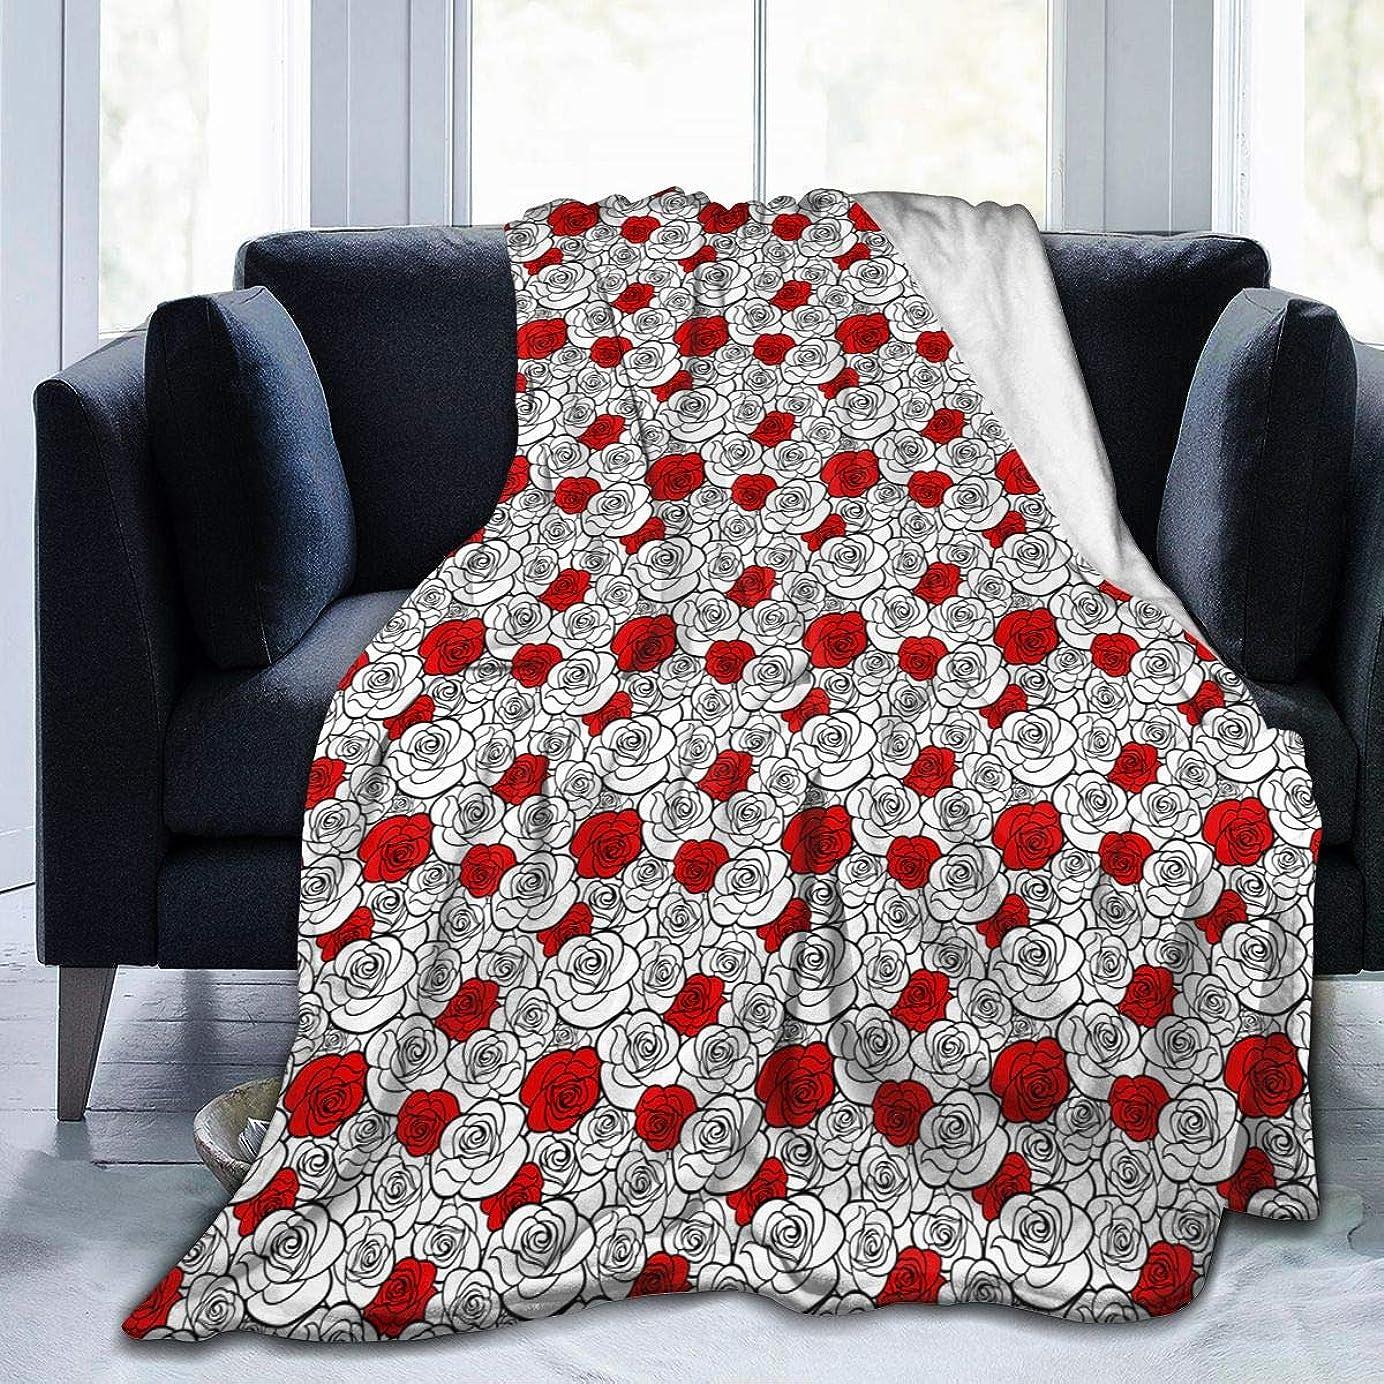 モデレータ受粉する子犬ローズ 花柄 薔薇 毛布 掛け毛布 ブランケット シングル 暖かい柔らかい ふわふわ フランネル 毛布 三つのサイズ